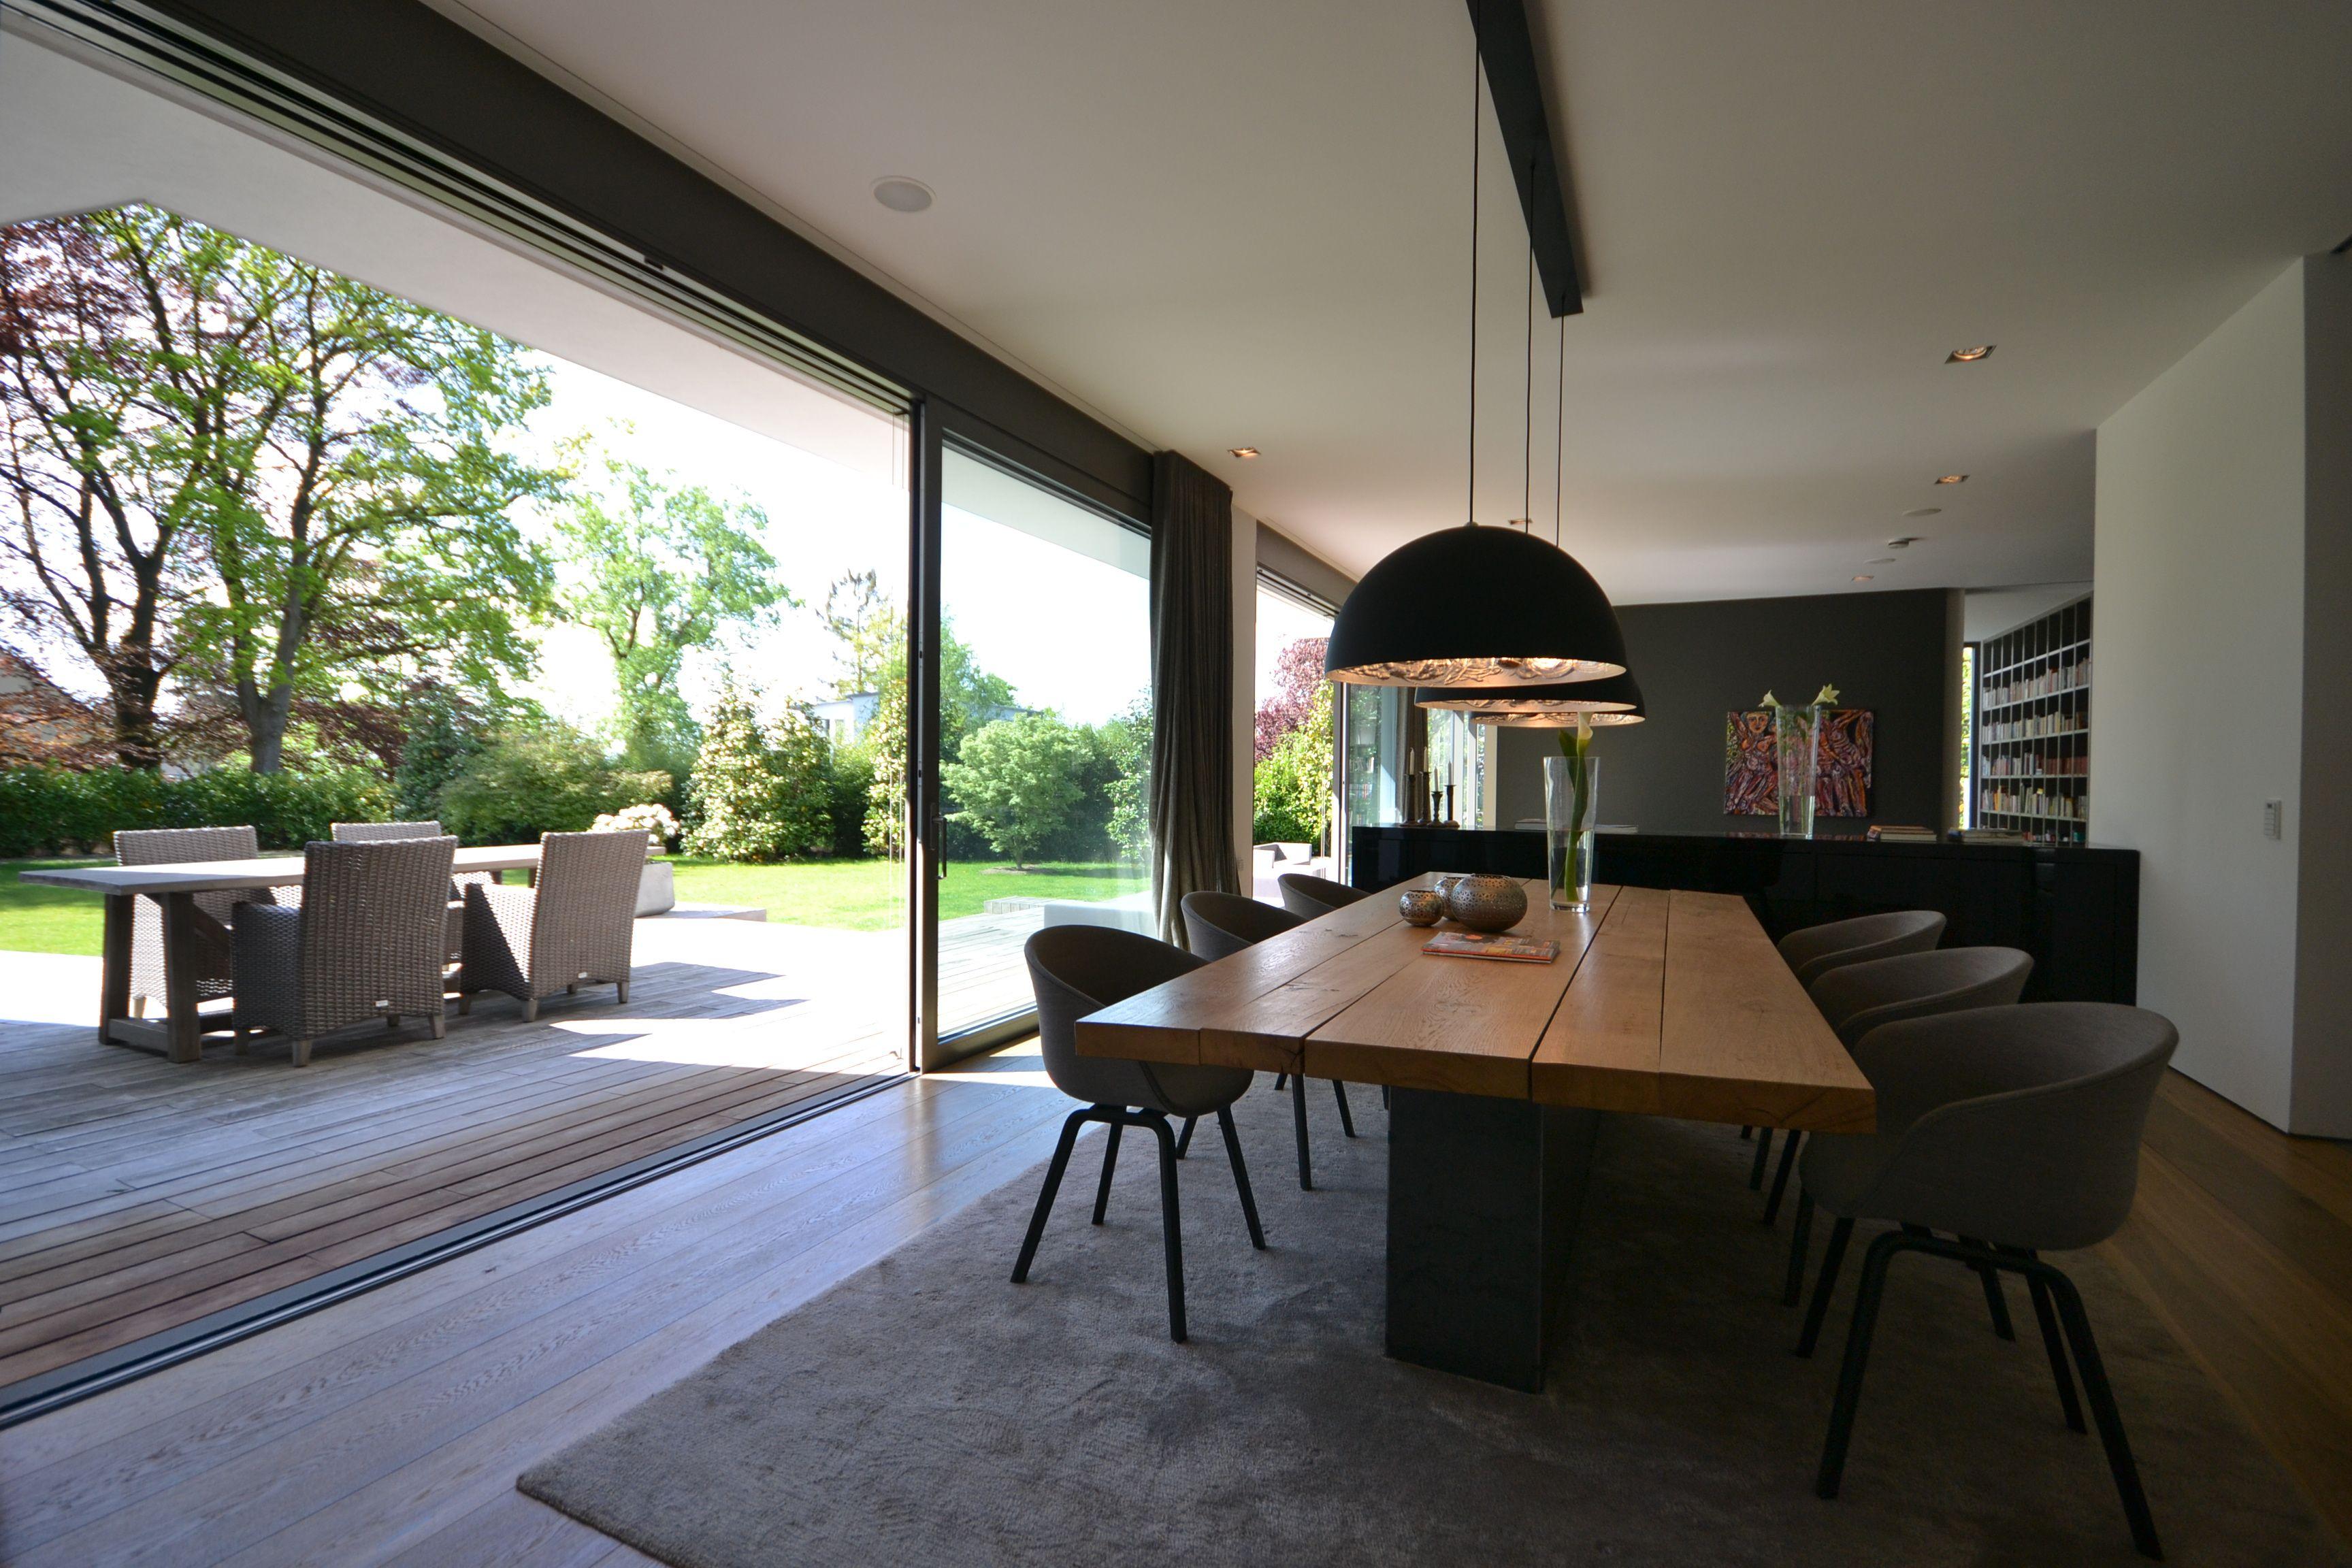 Modernes bungalow innenarchitektur wohnzimmer bünck architektur  bergisch gladbach  vorschläge umbau